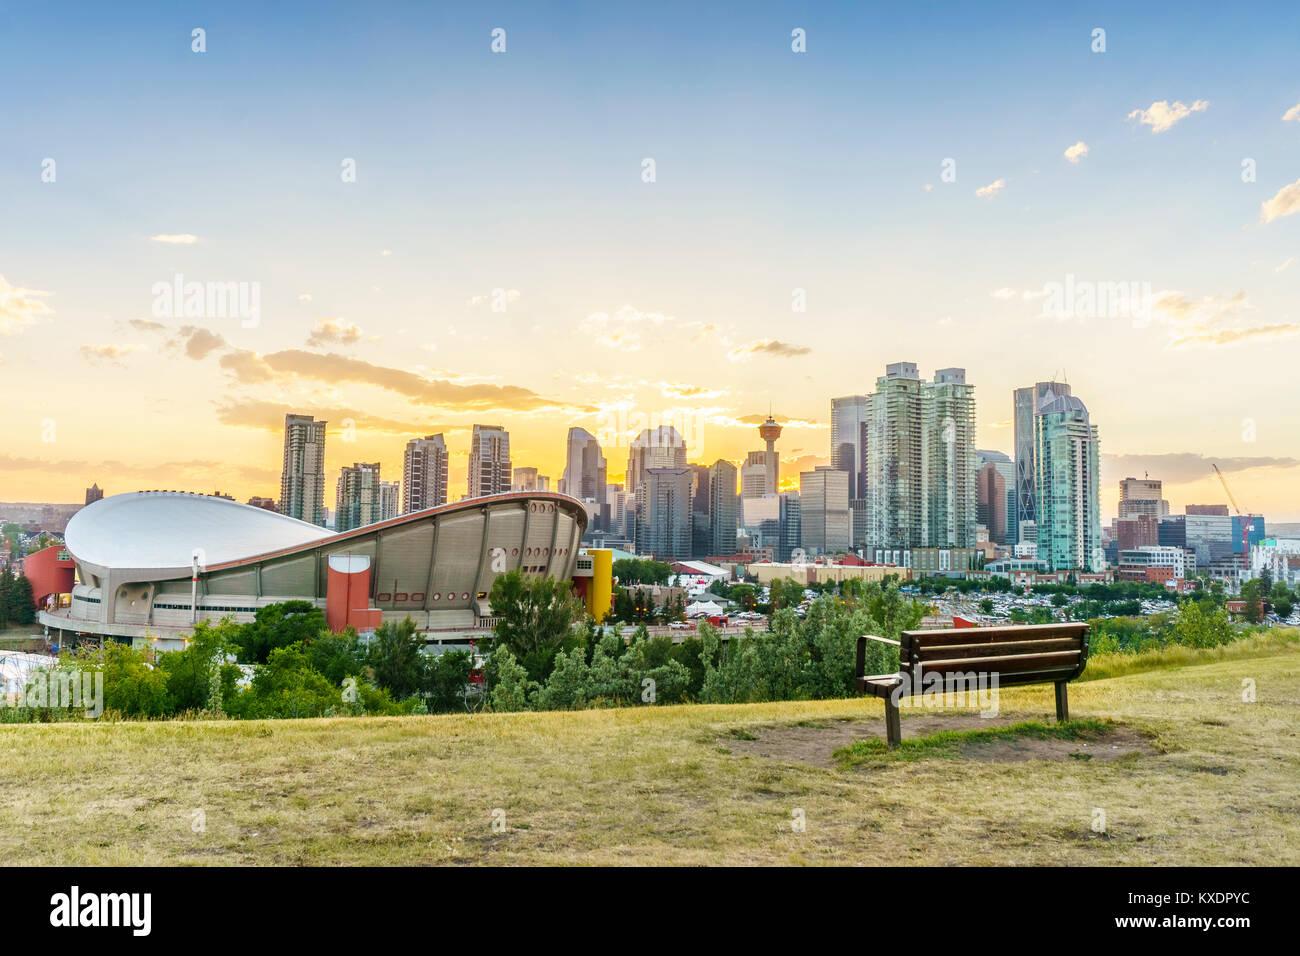 Il centro della città di Calgary al tramonto durante il periodo estivo, Alberta, Canada Immagini Stock